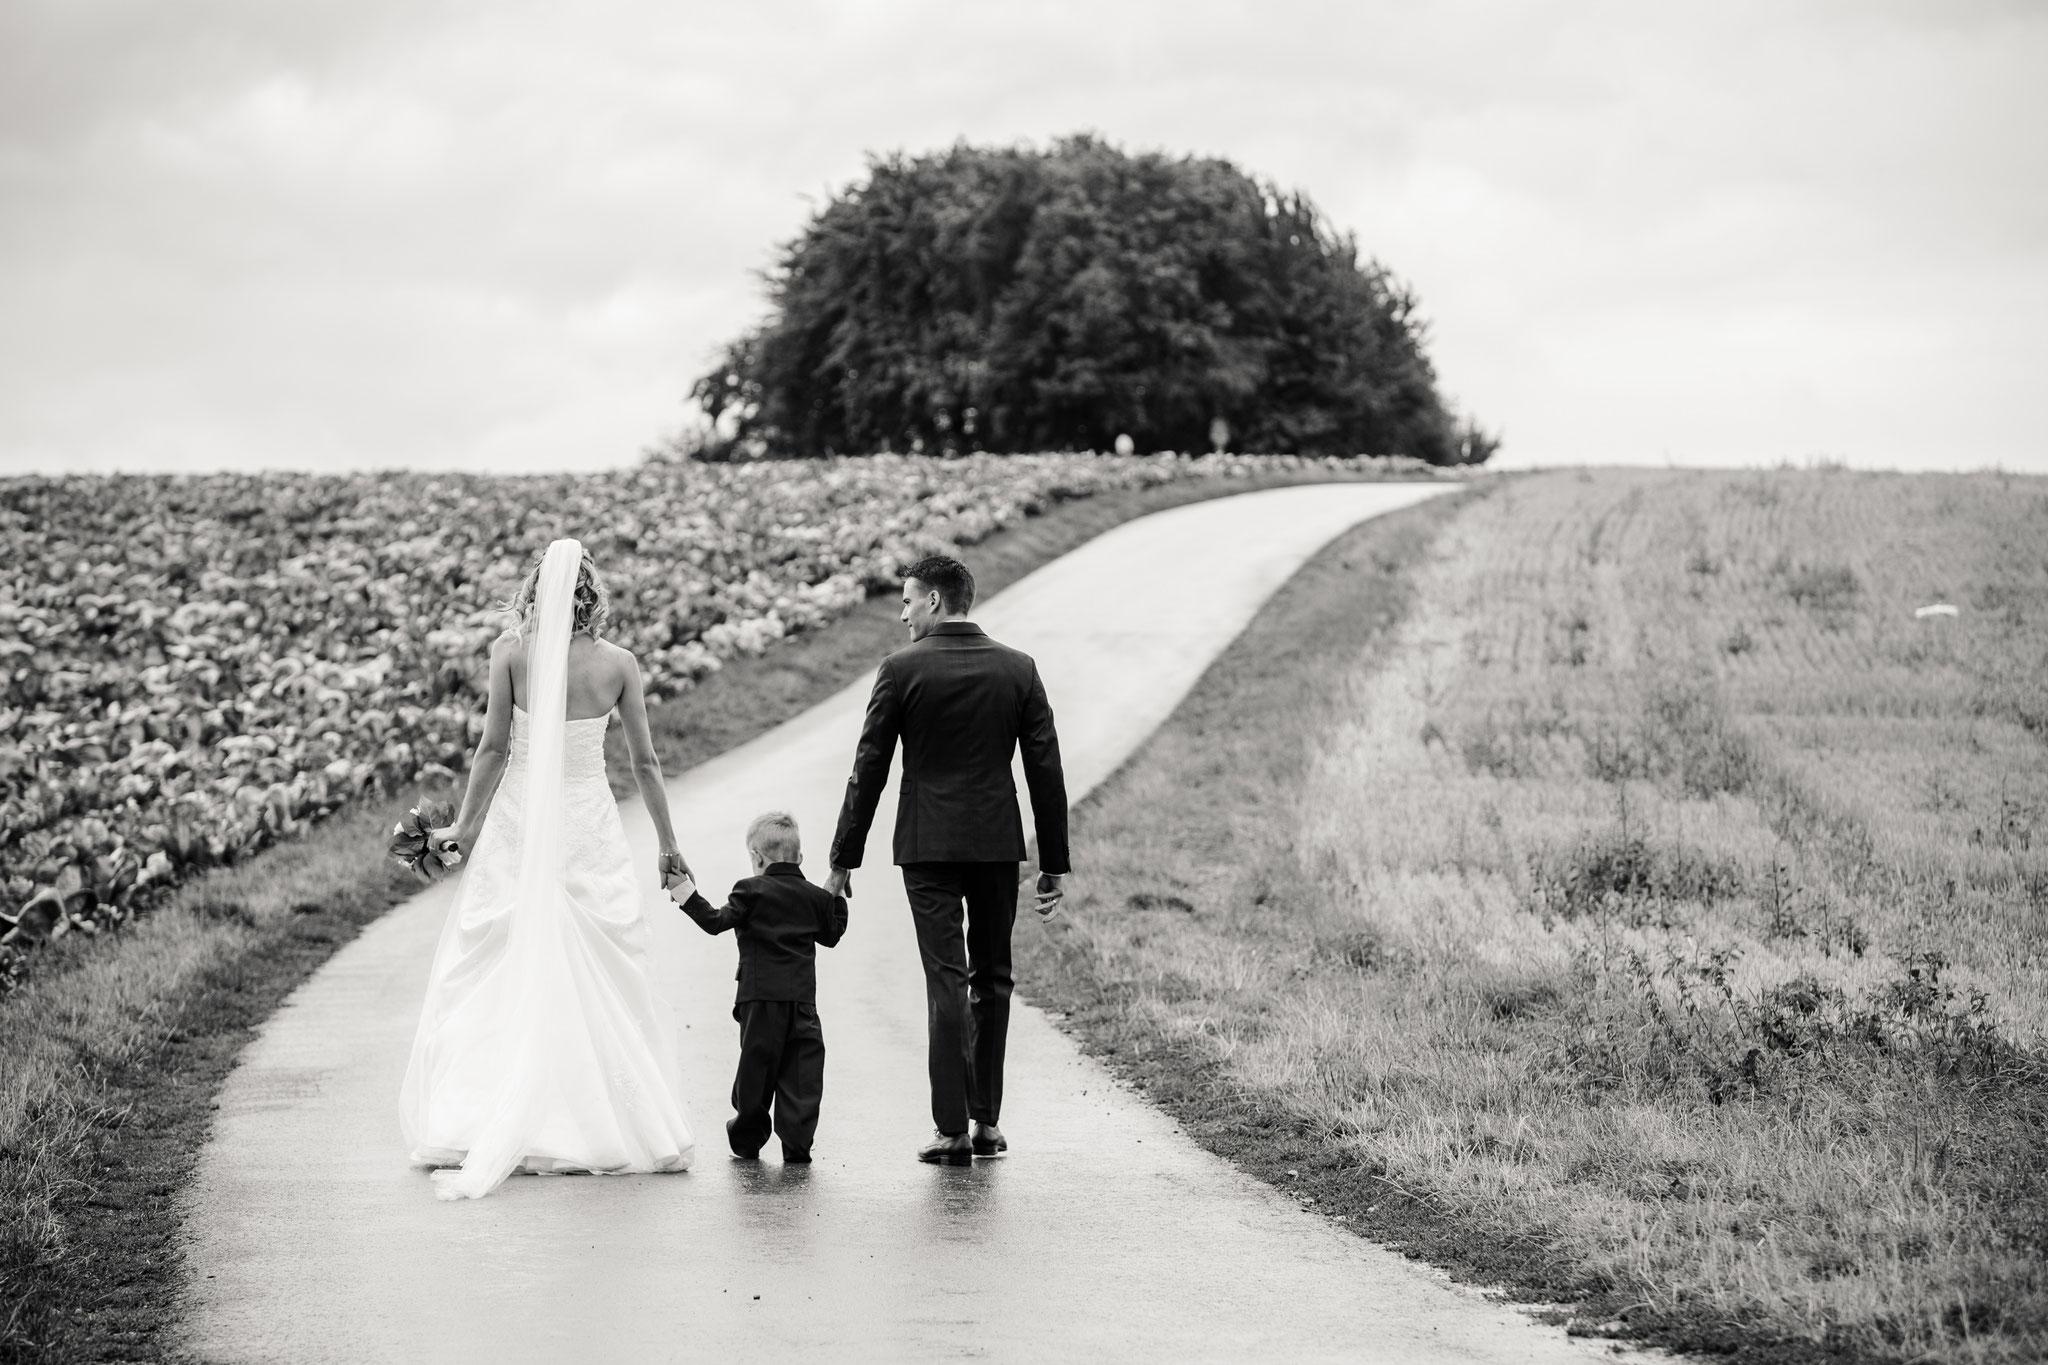 Hochzeitsfotos mit kleinem Kind - Hausen bei Würzburg